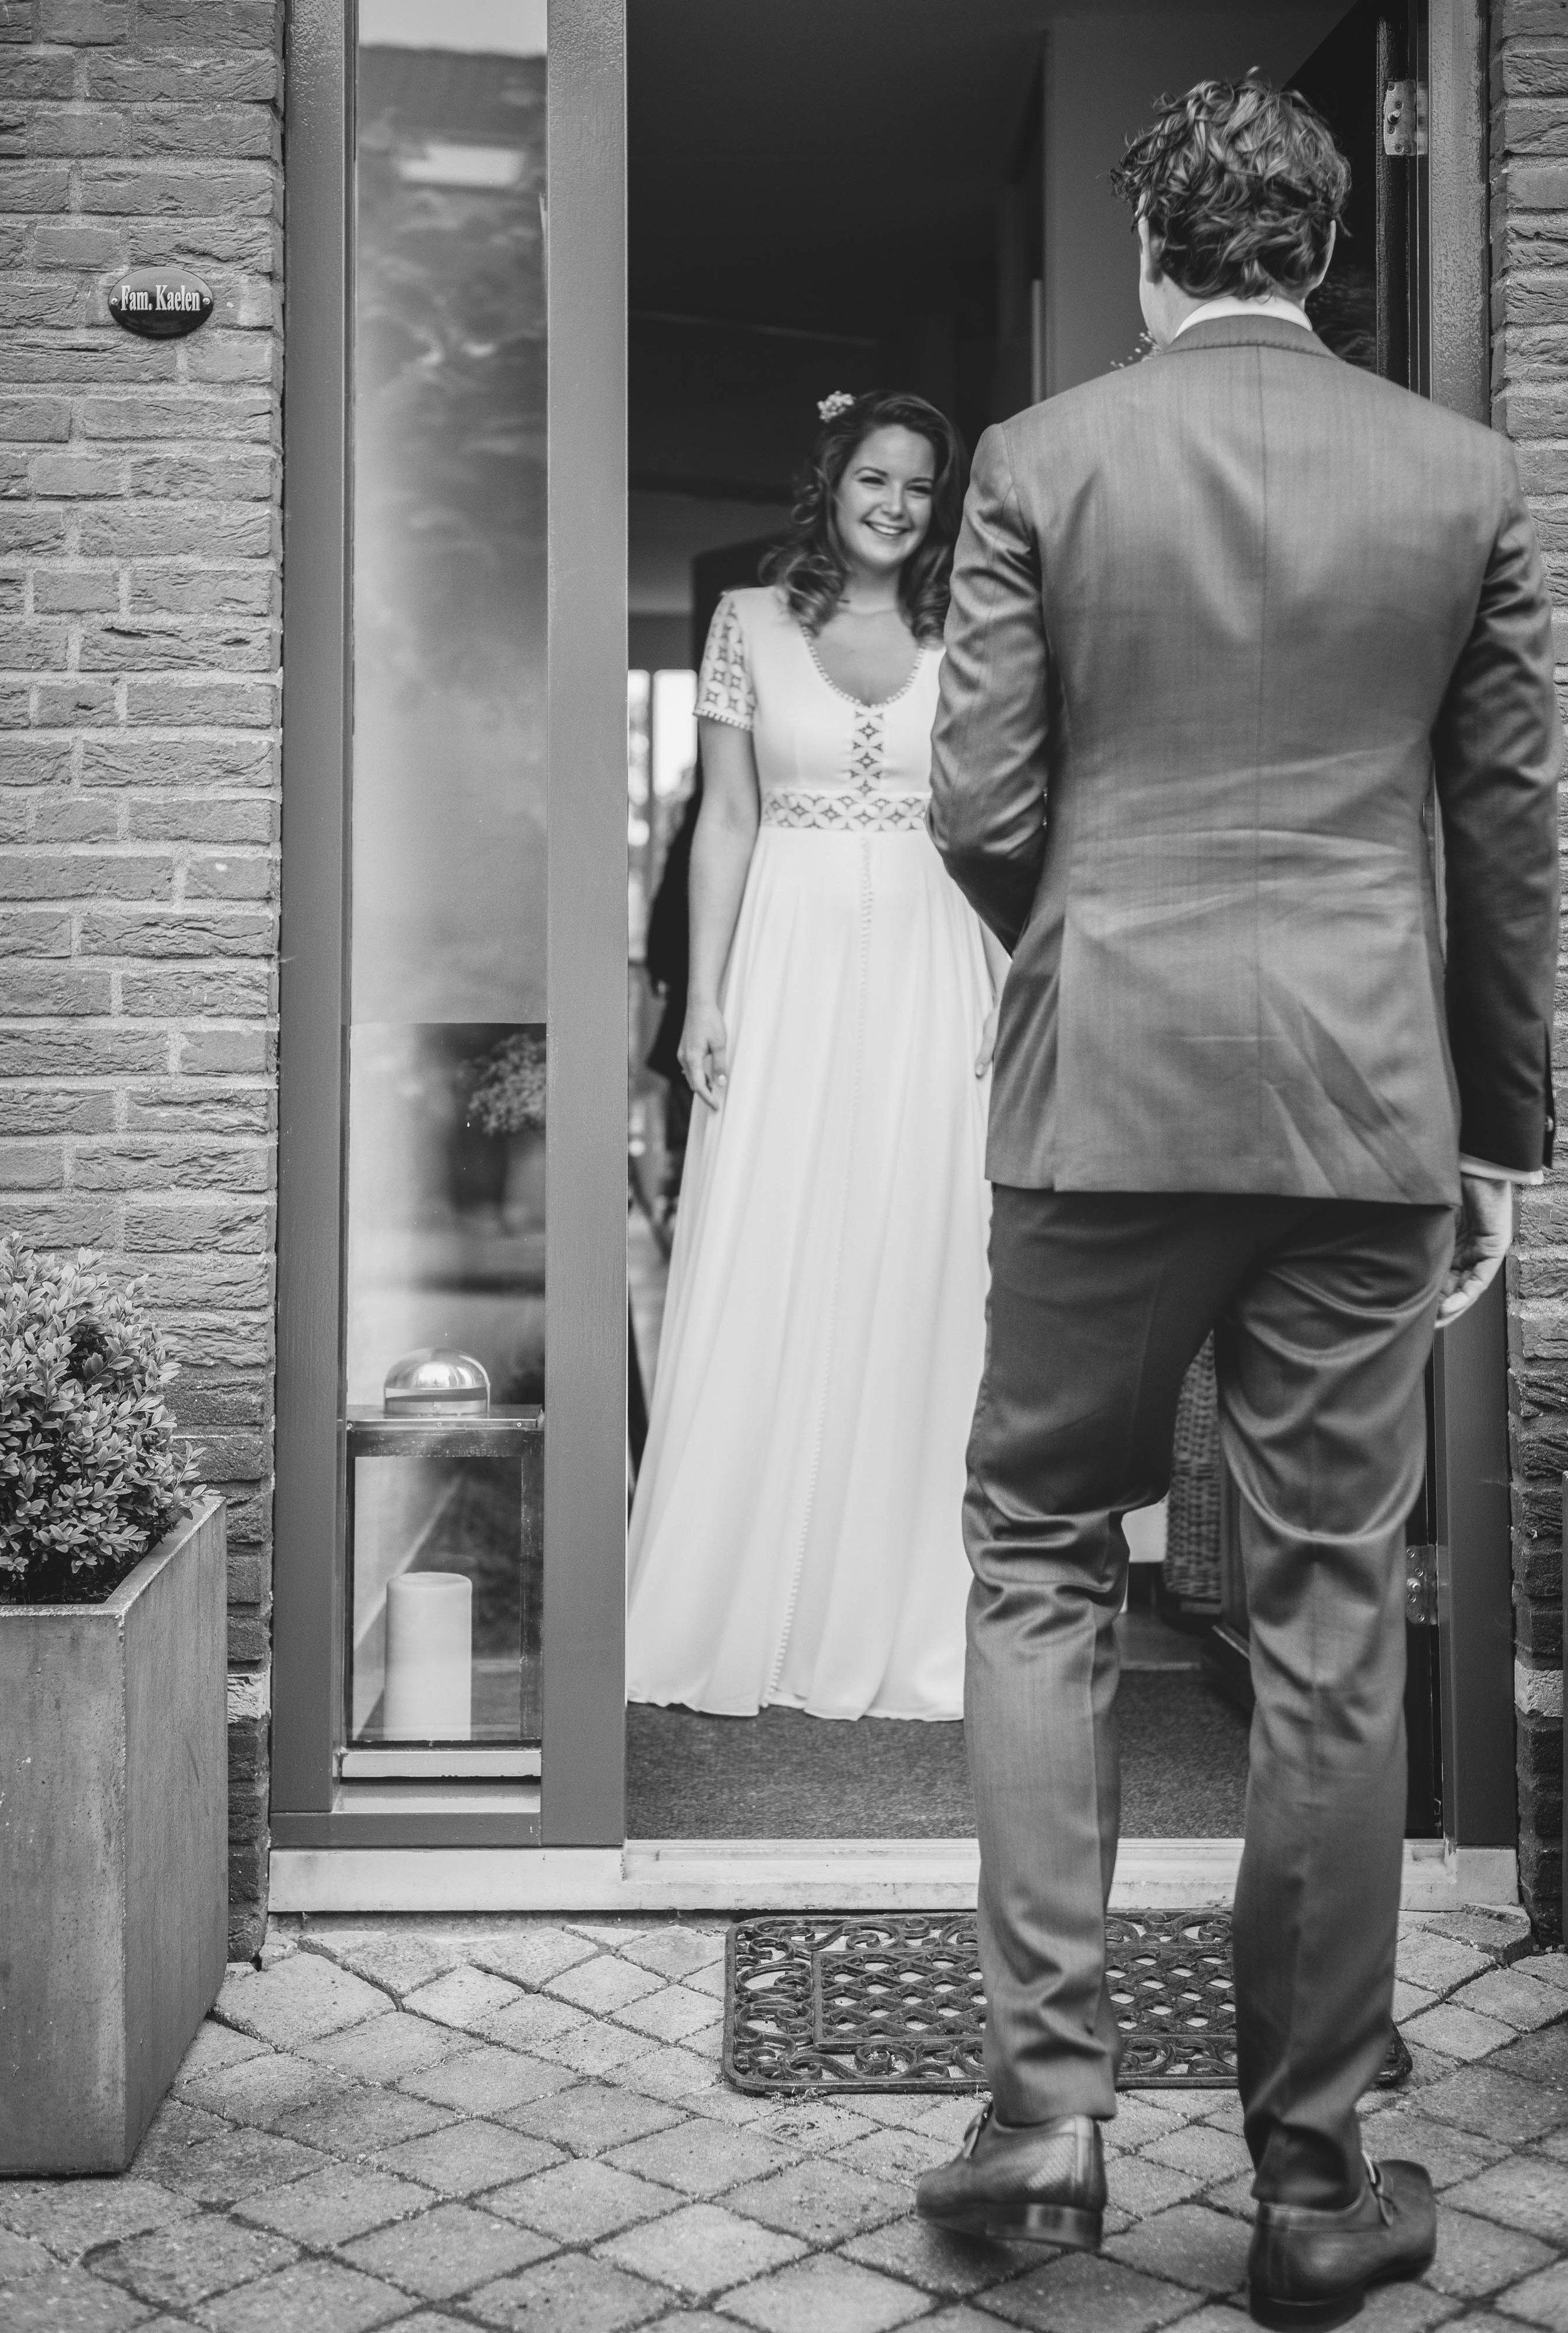 Tijdens een trouwreportage leg ik graag de 'first look' vast, het moment dat de bruid en bruidegom elkaar voor het eerst zien. Deze foto is gemaakt tijdens een mooie bruiloft in Rotterdam.